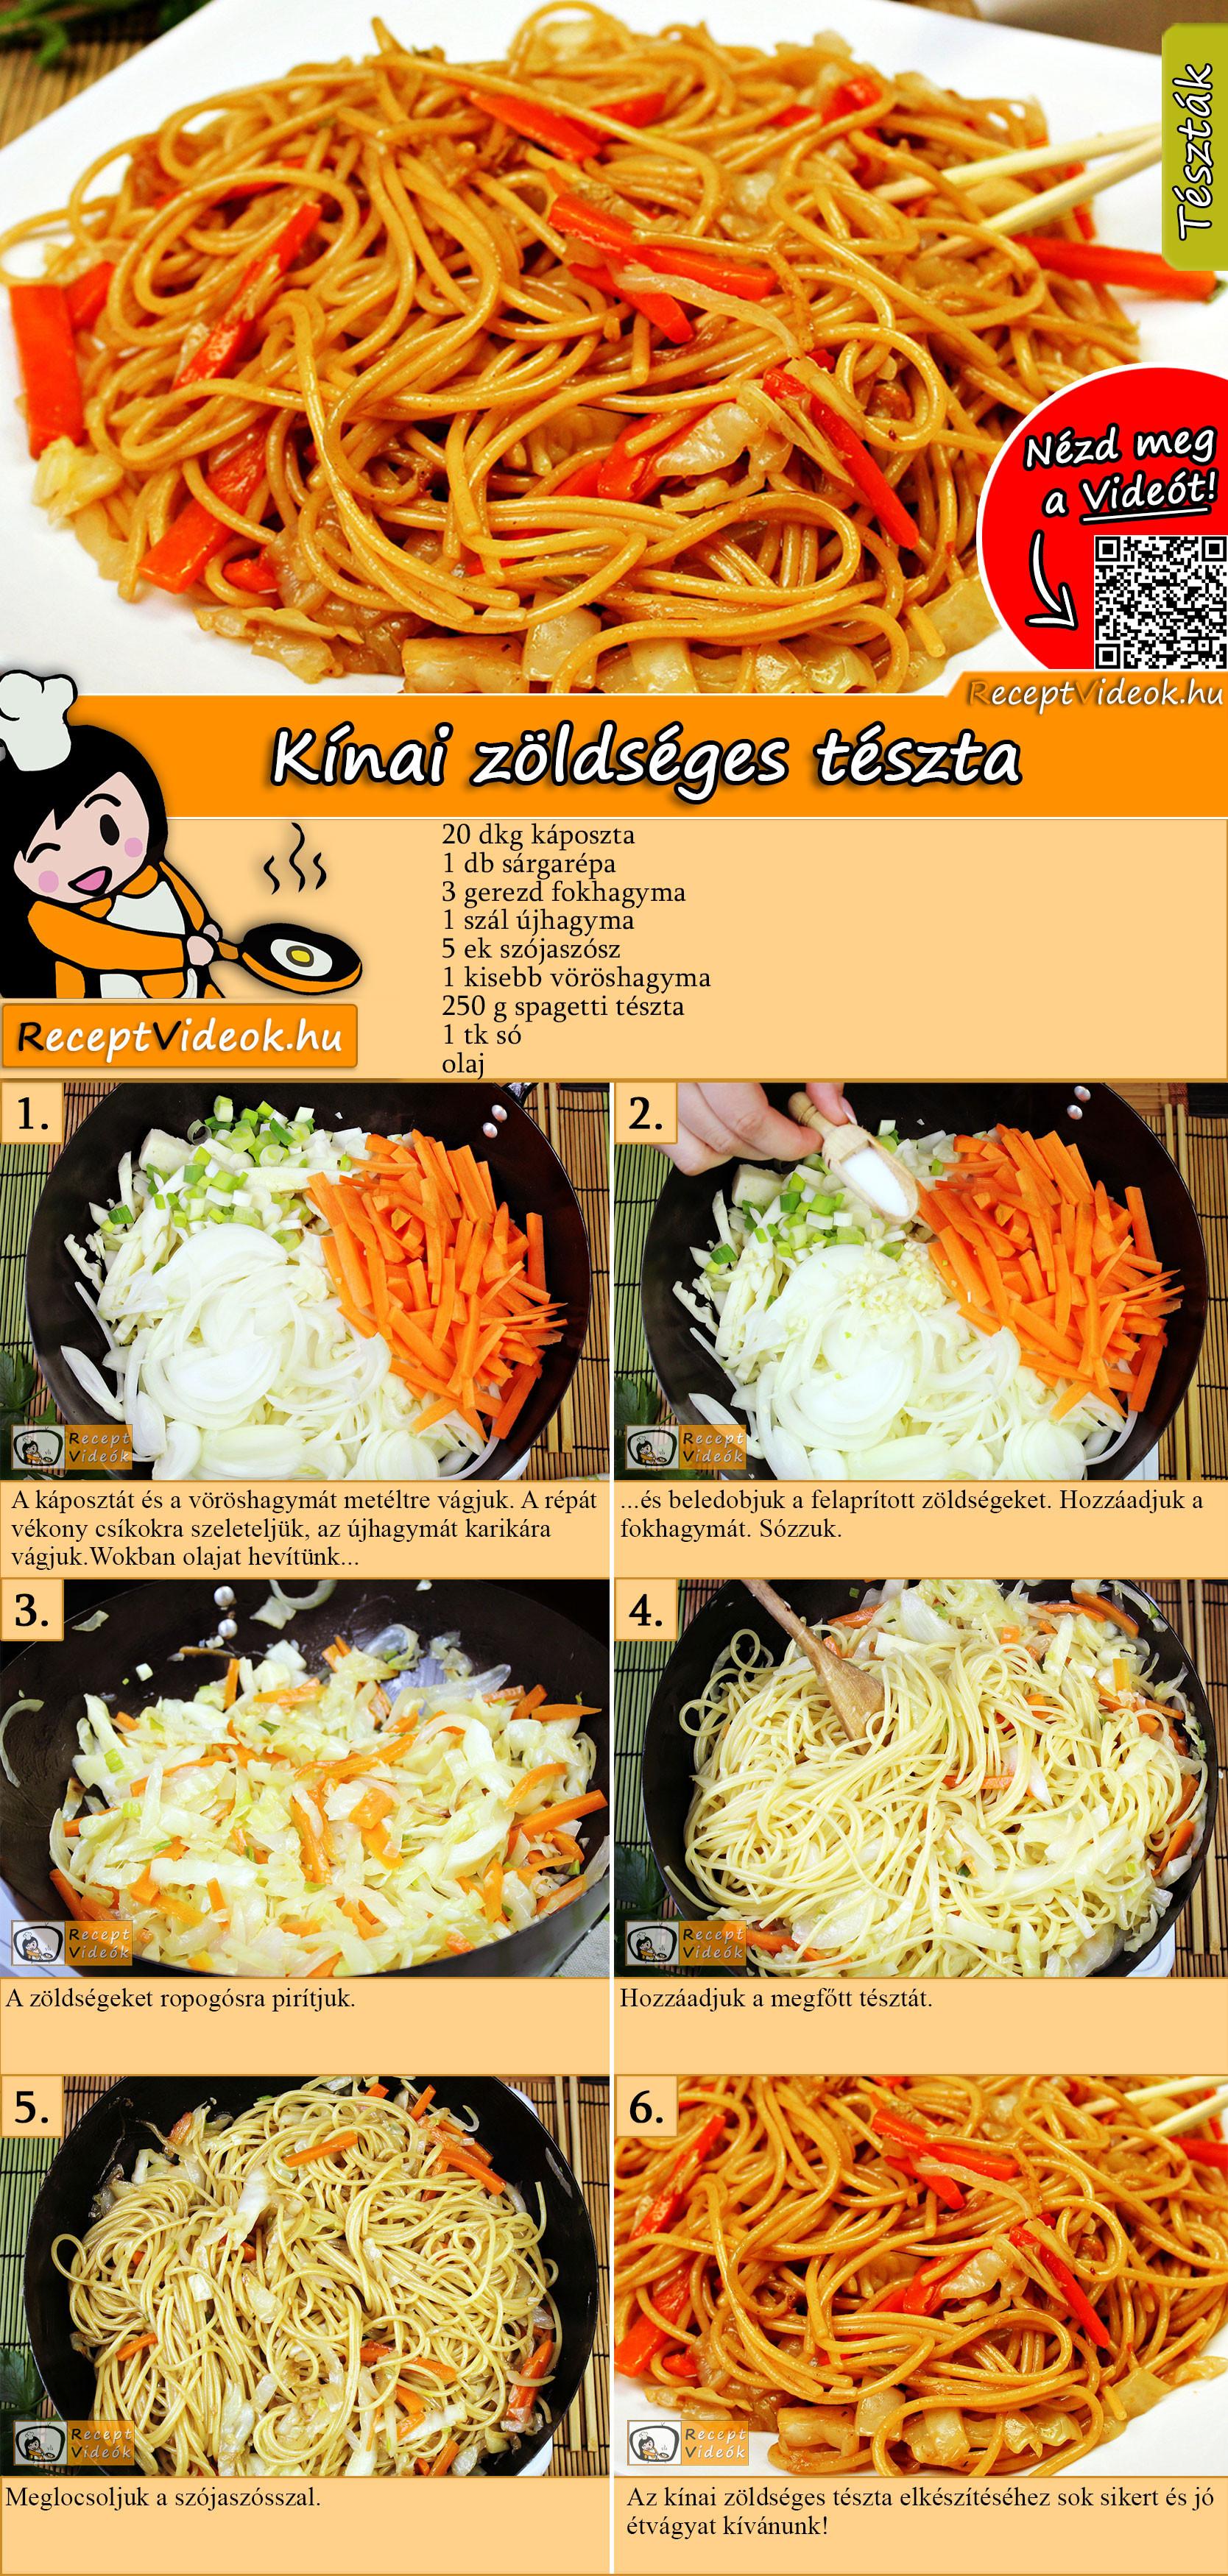 Kínai zöldséges tészta recept elkészítése videóval